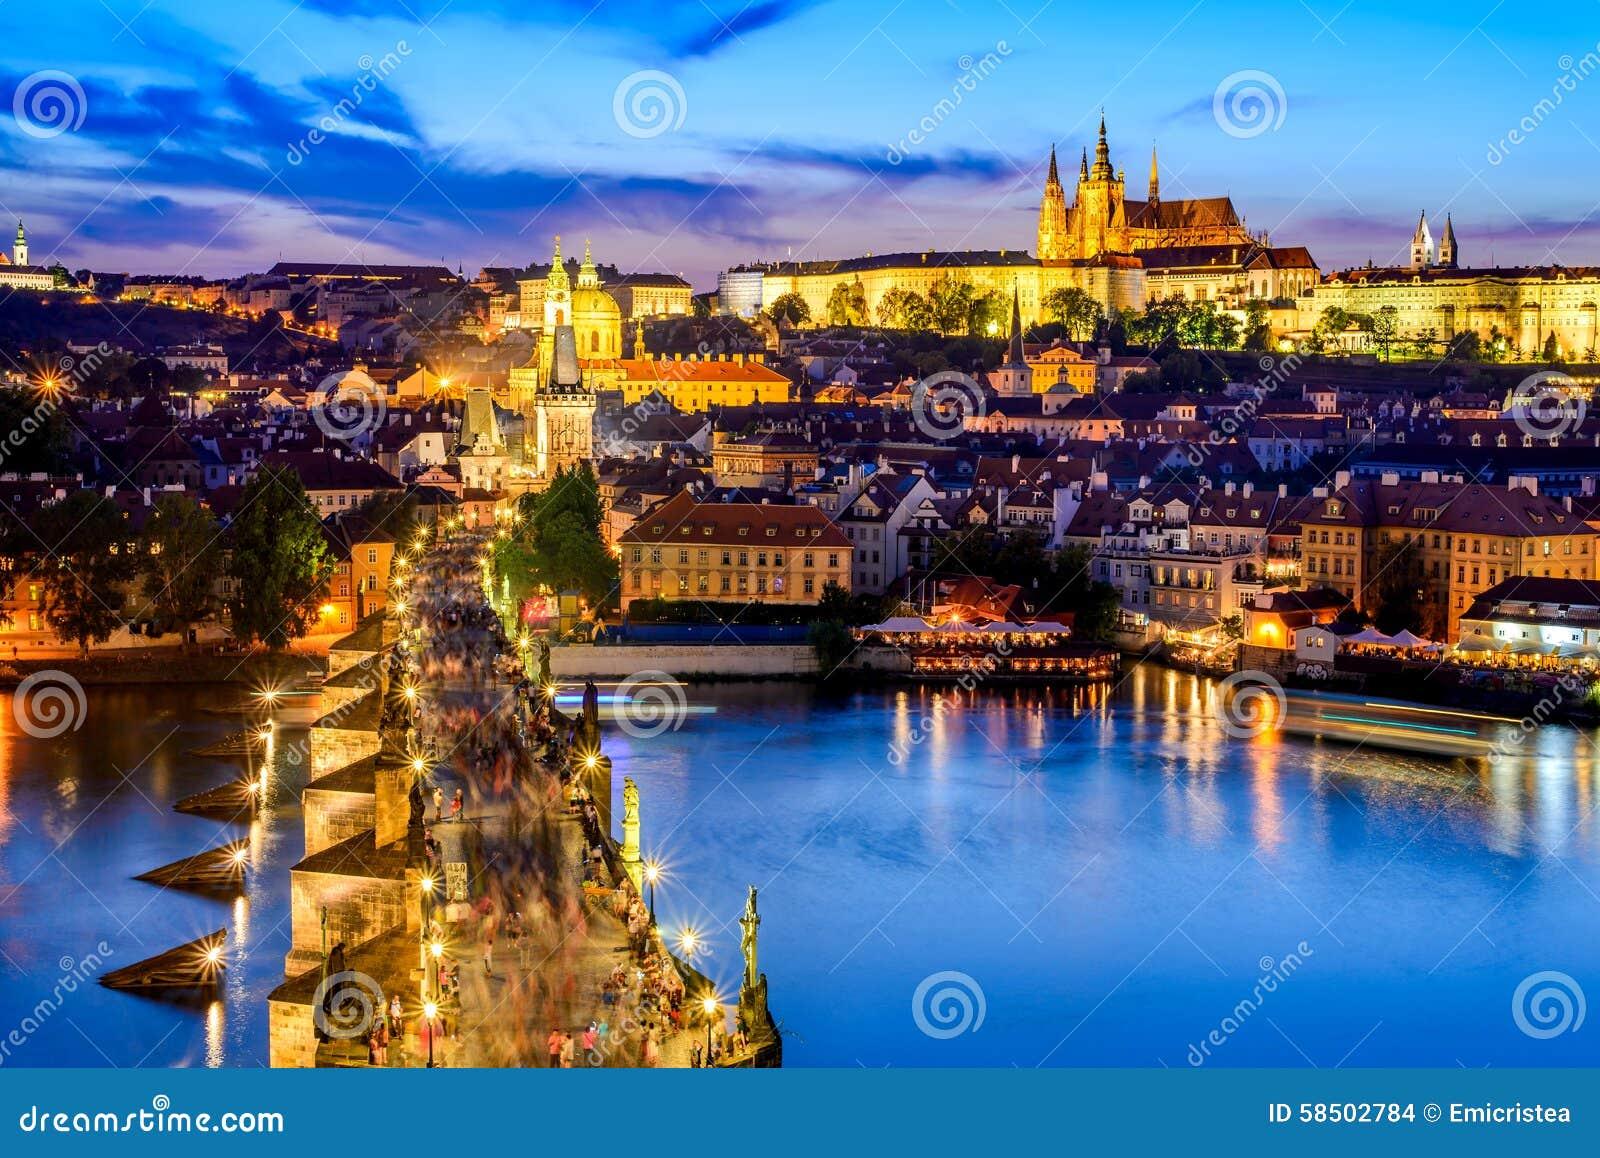 Замок Праги и мост Карла, Чешская республика